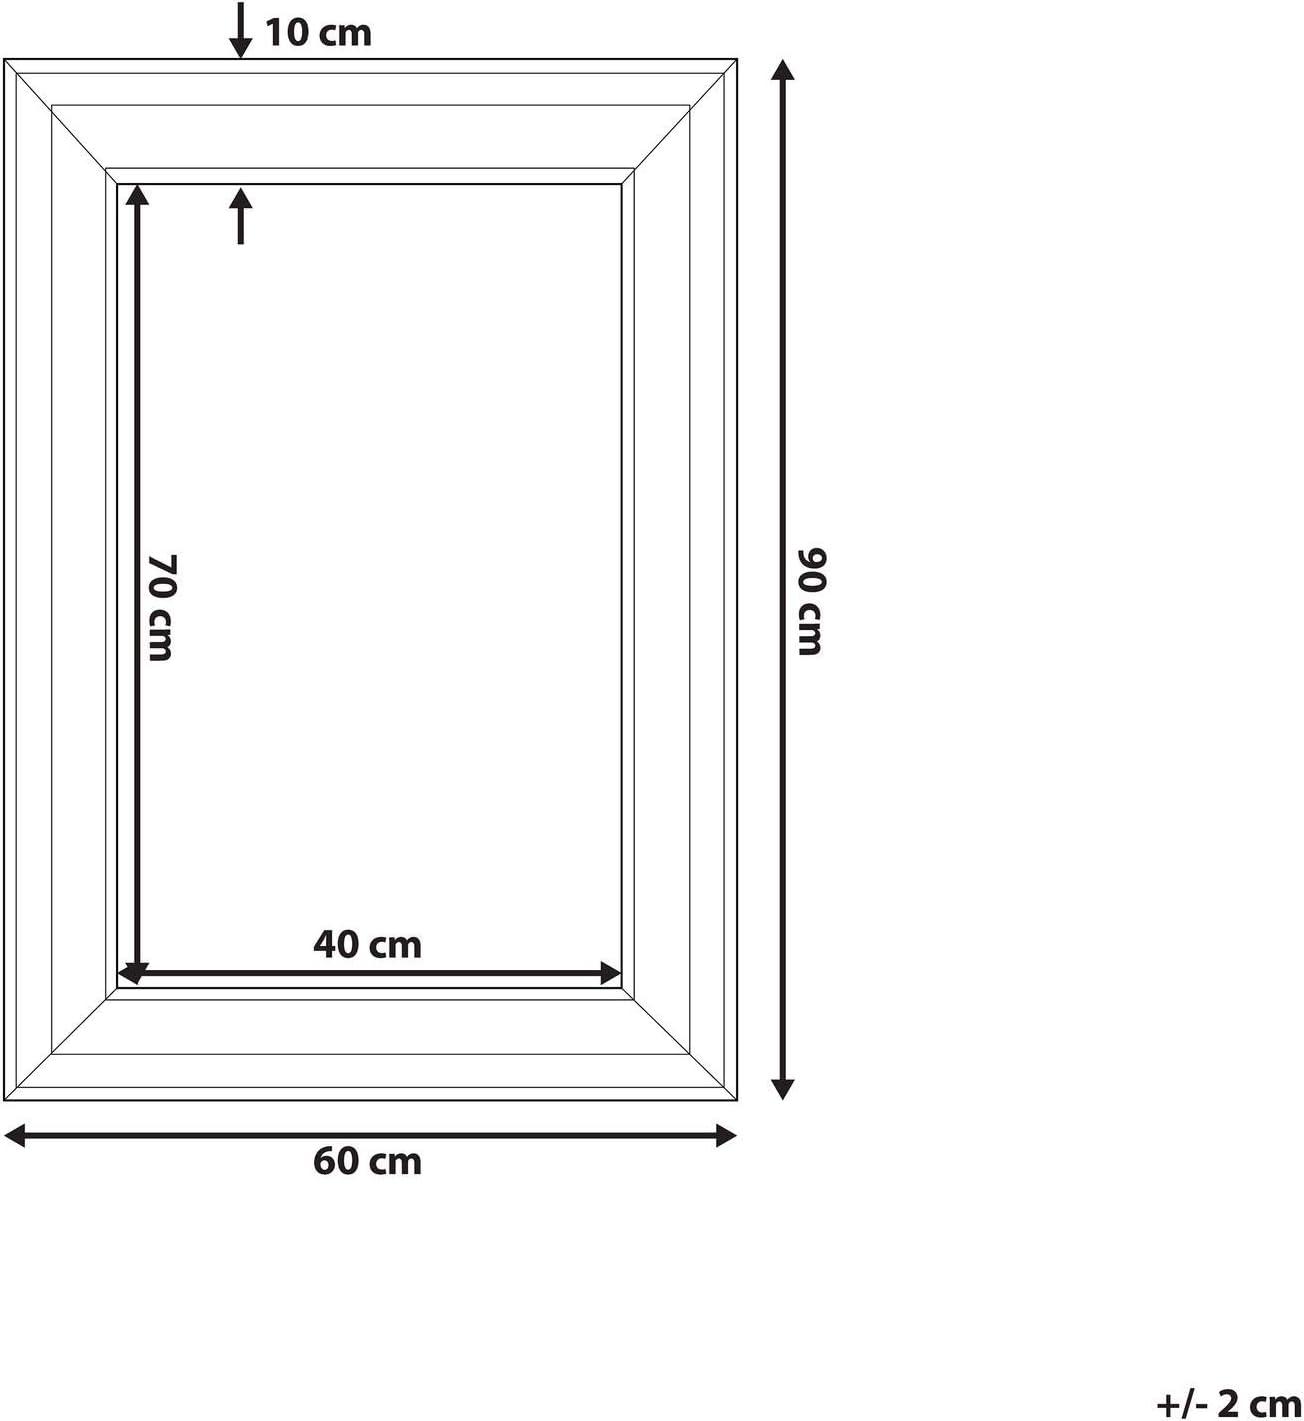 su misura ad esempio come specchio da salone Online GalleryKing TheMIRROR Specchio con cornice in vero vetro cm Pino nero. 30 x 30 cm specchio. colore pino nero ecc. legno MDF